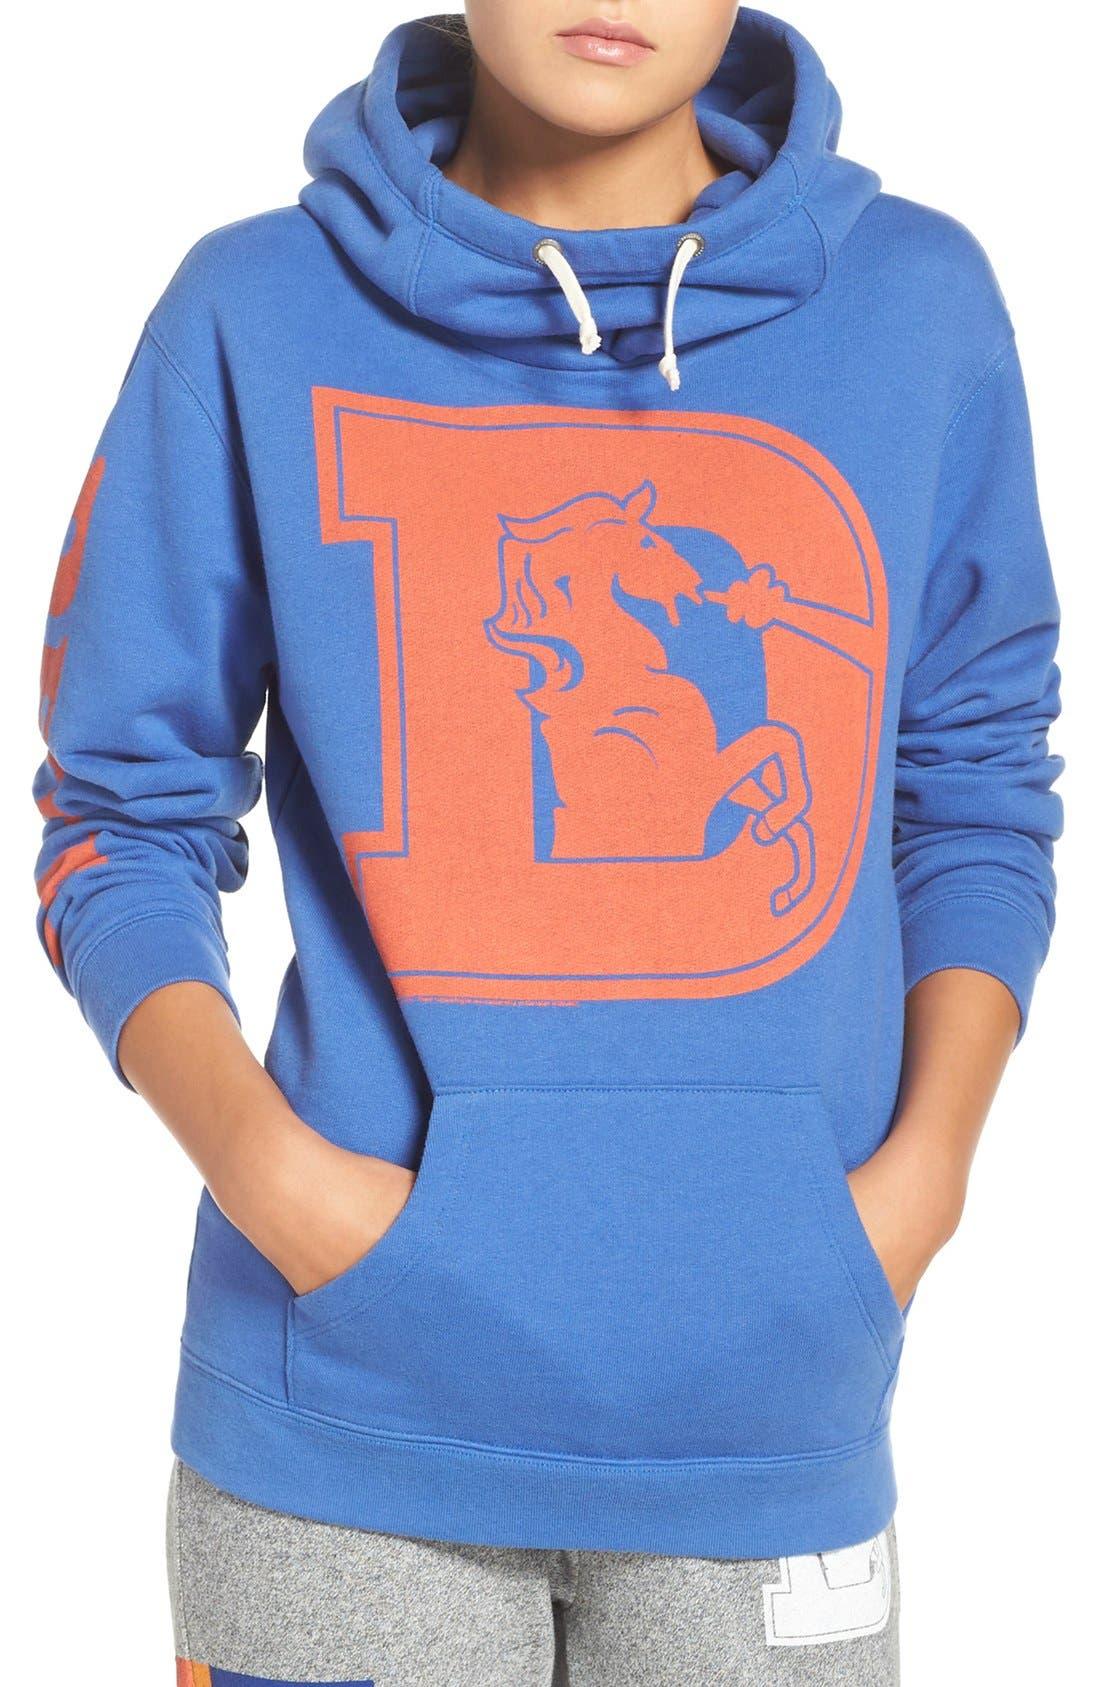 Alternate Image 1 Selected - Junk Food 'Denver Broncos' Hooded Sweatshirt